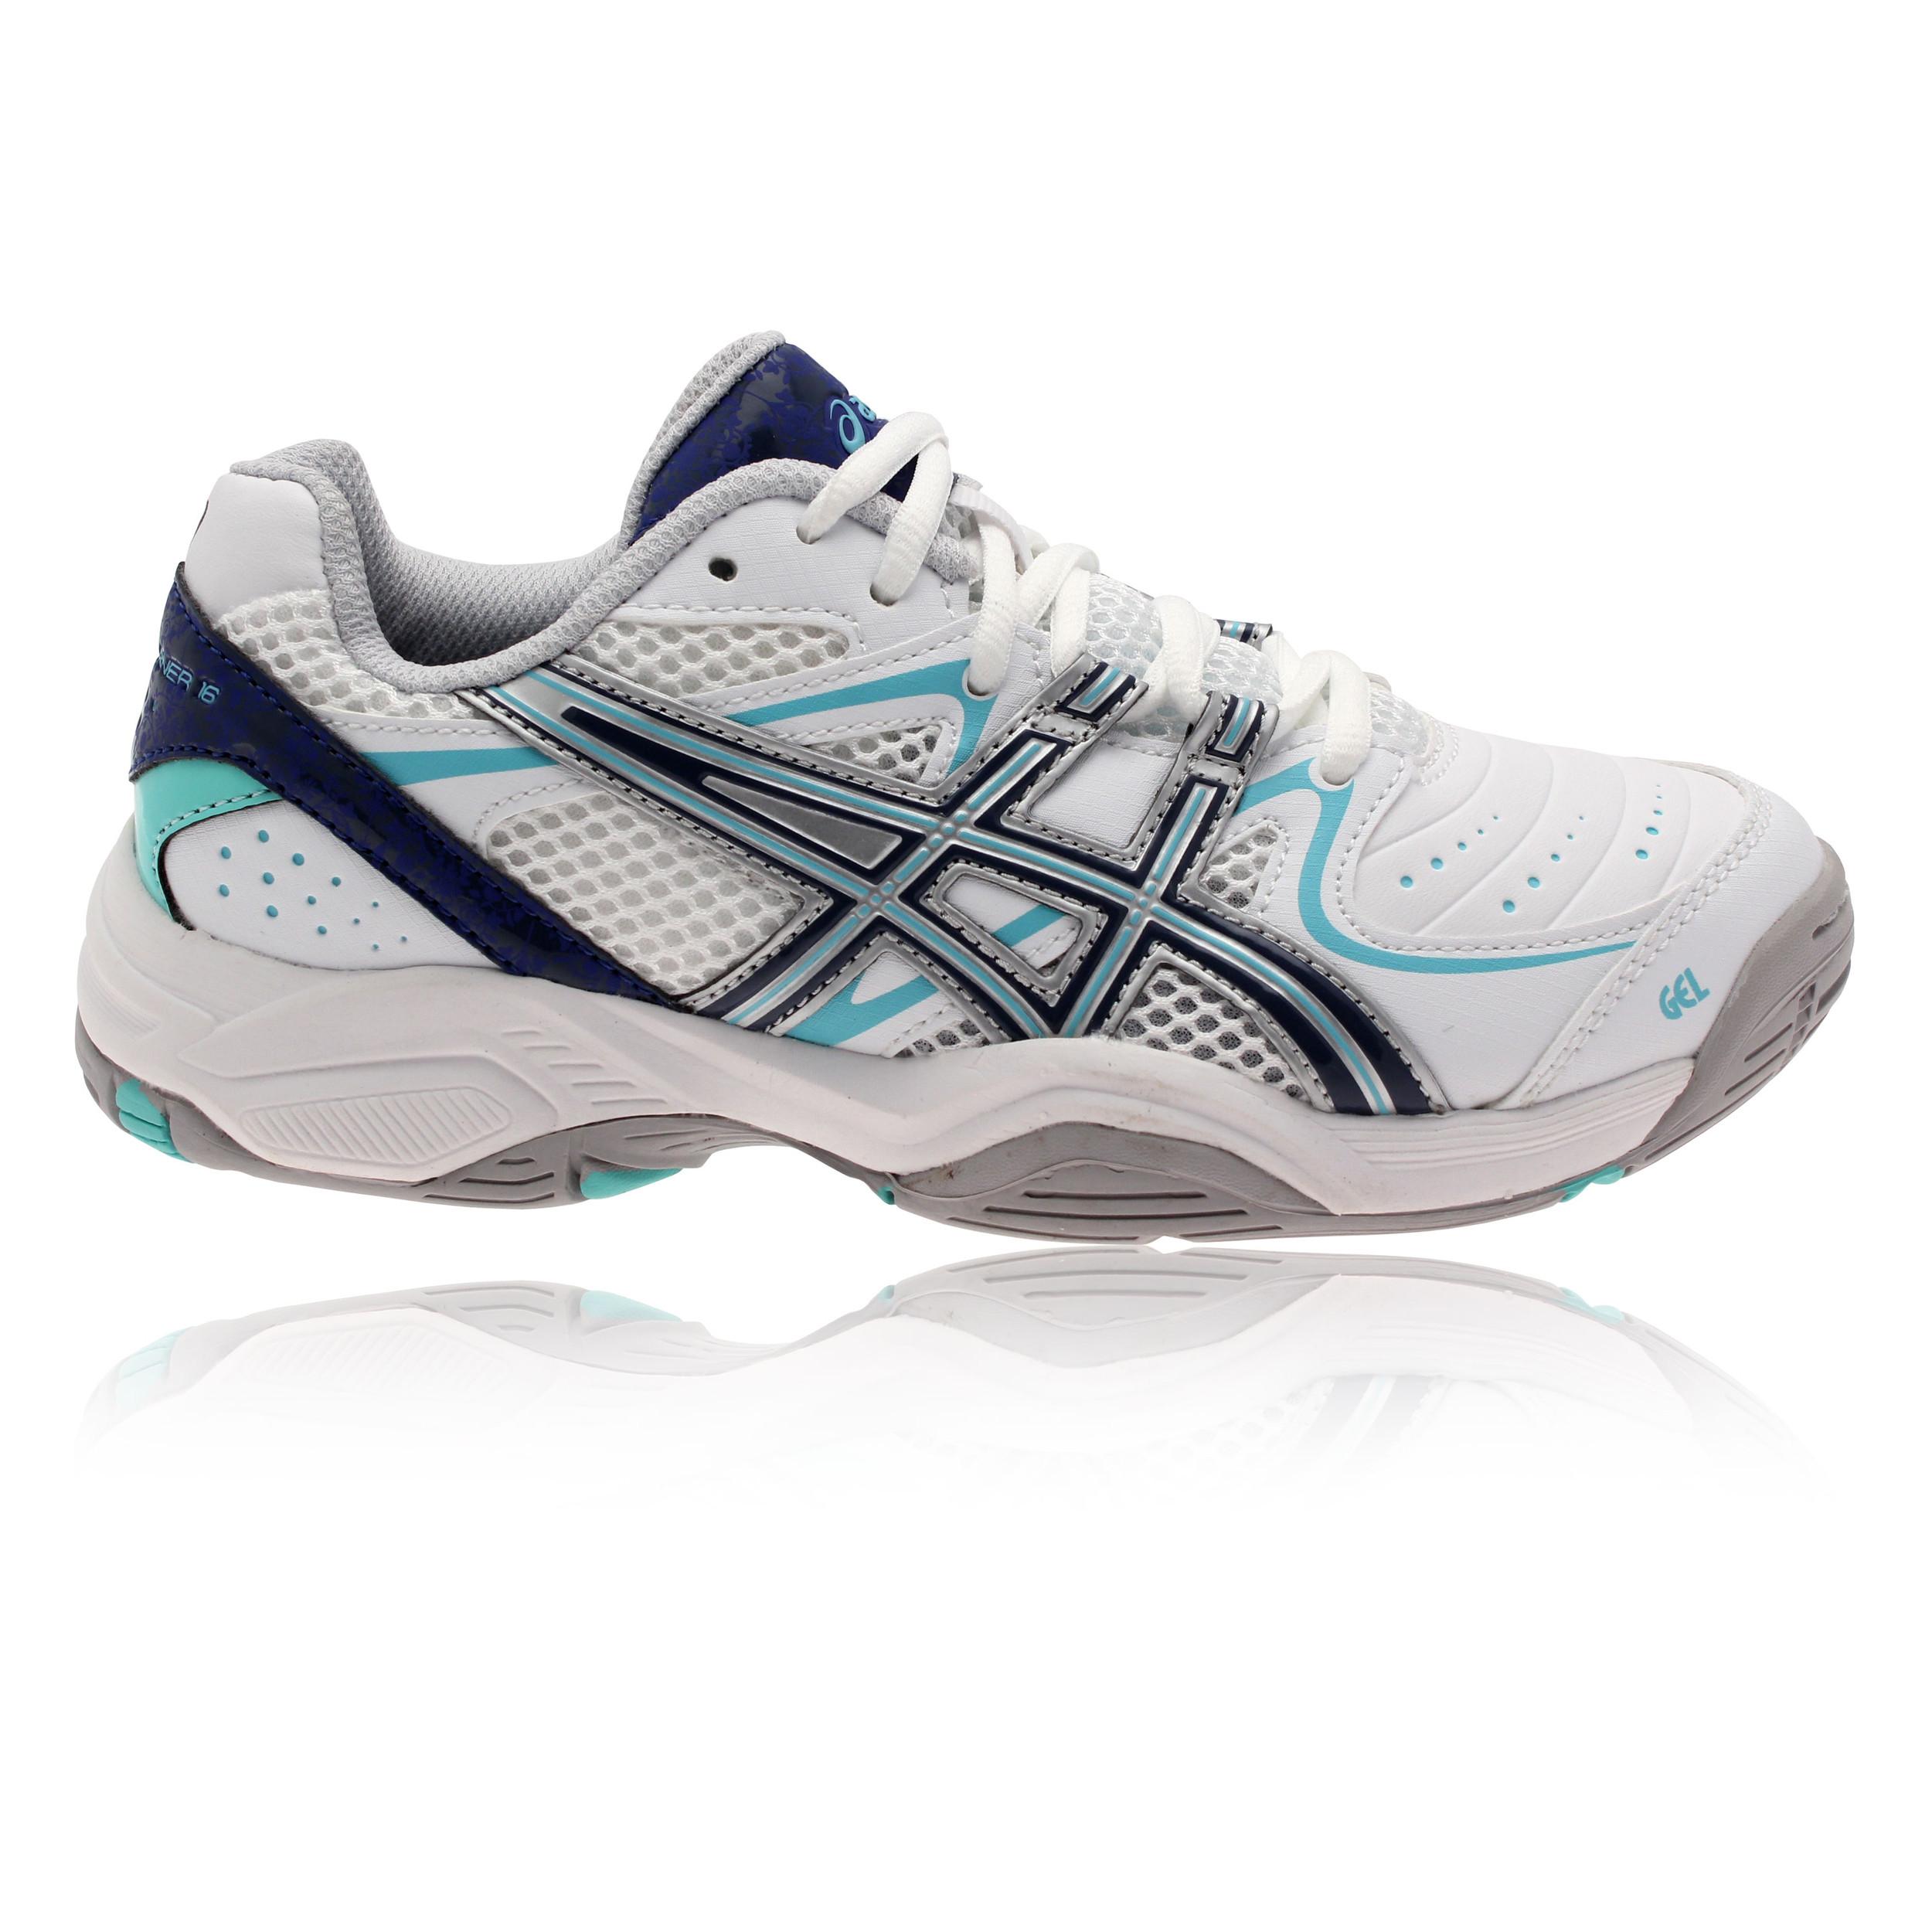 ASICS GEL-NETBURNER 16 GS Junior Netball Shoes